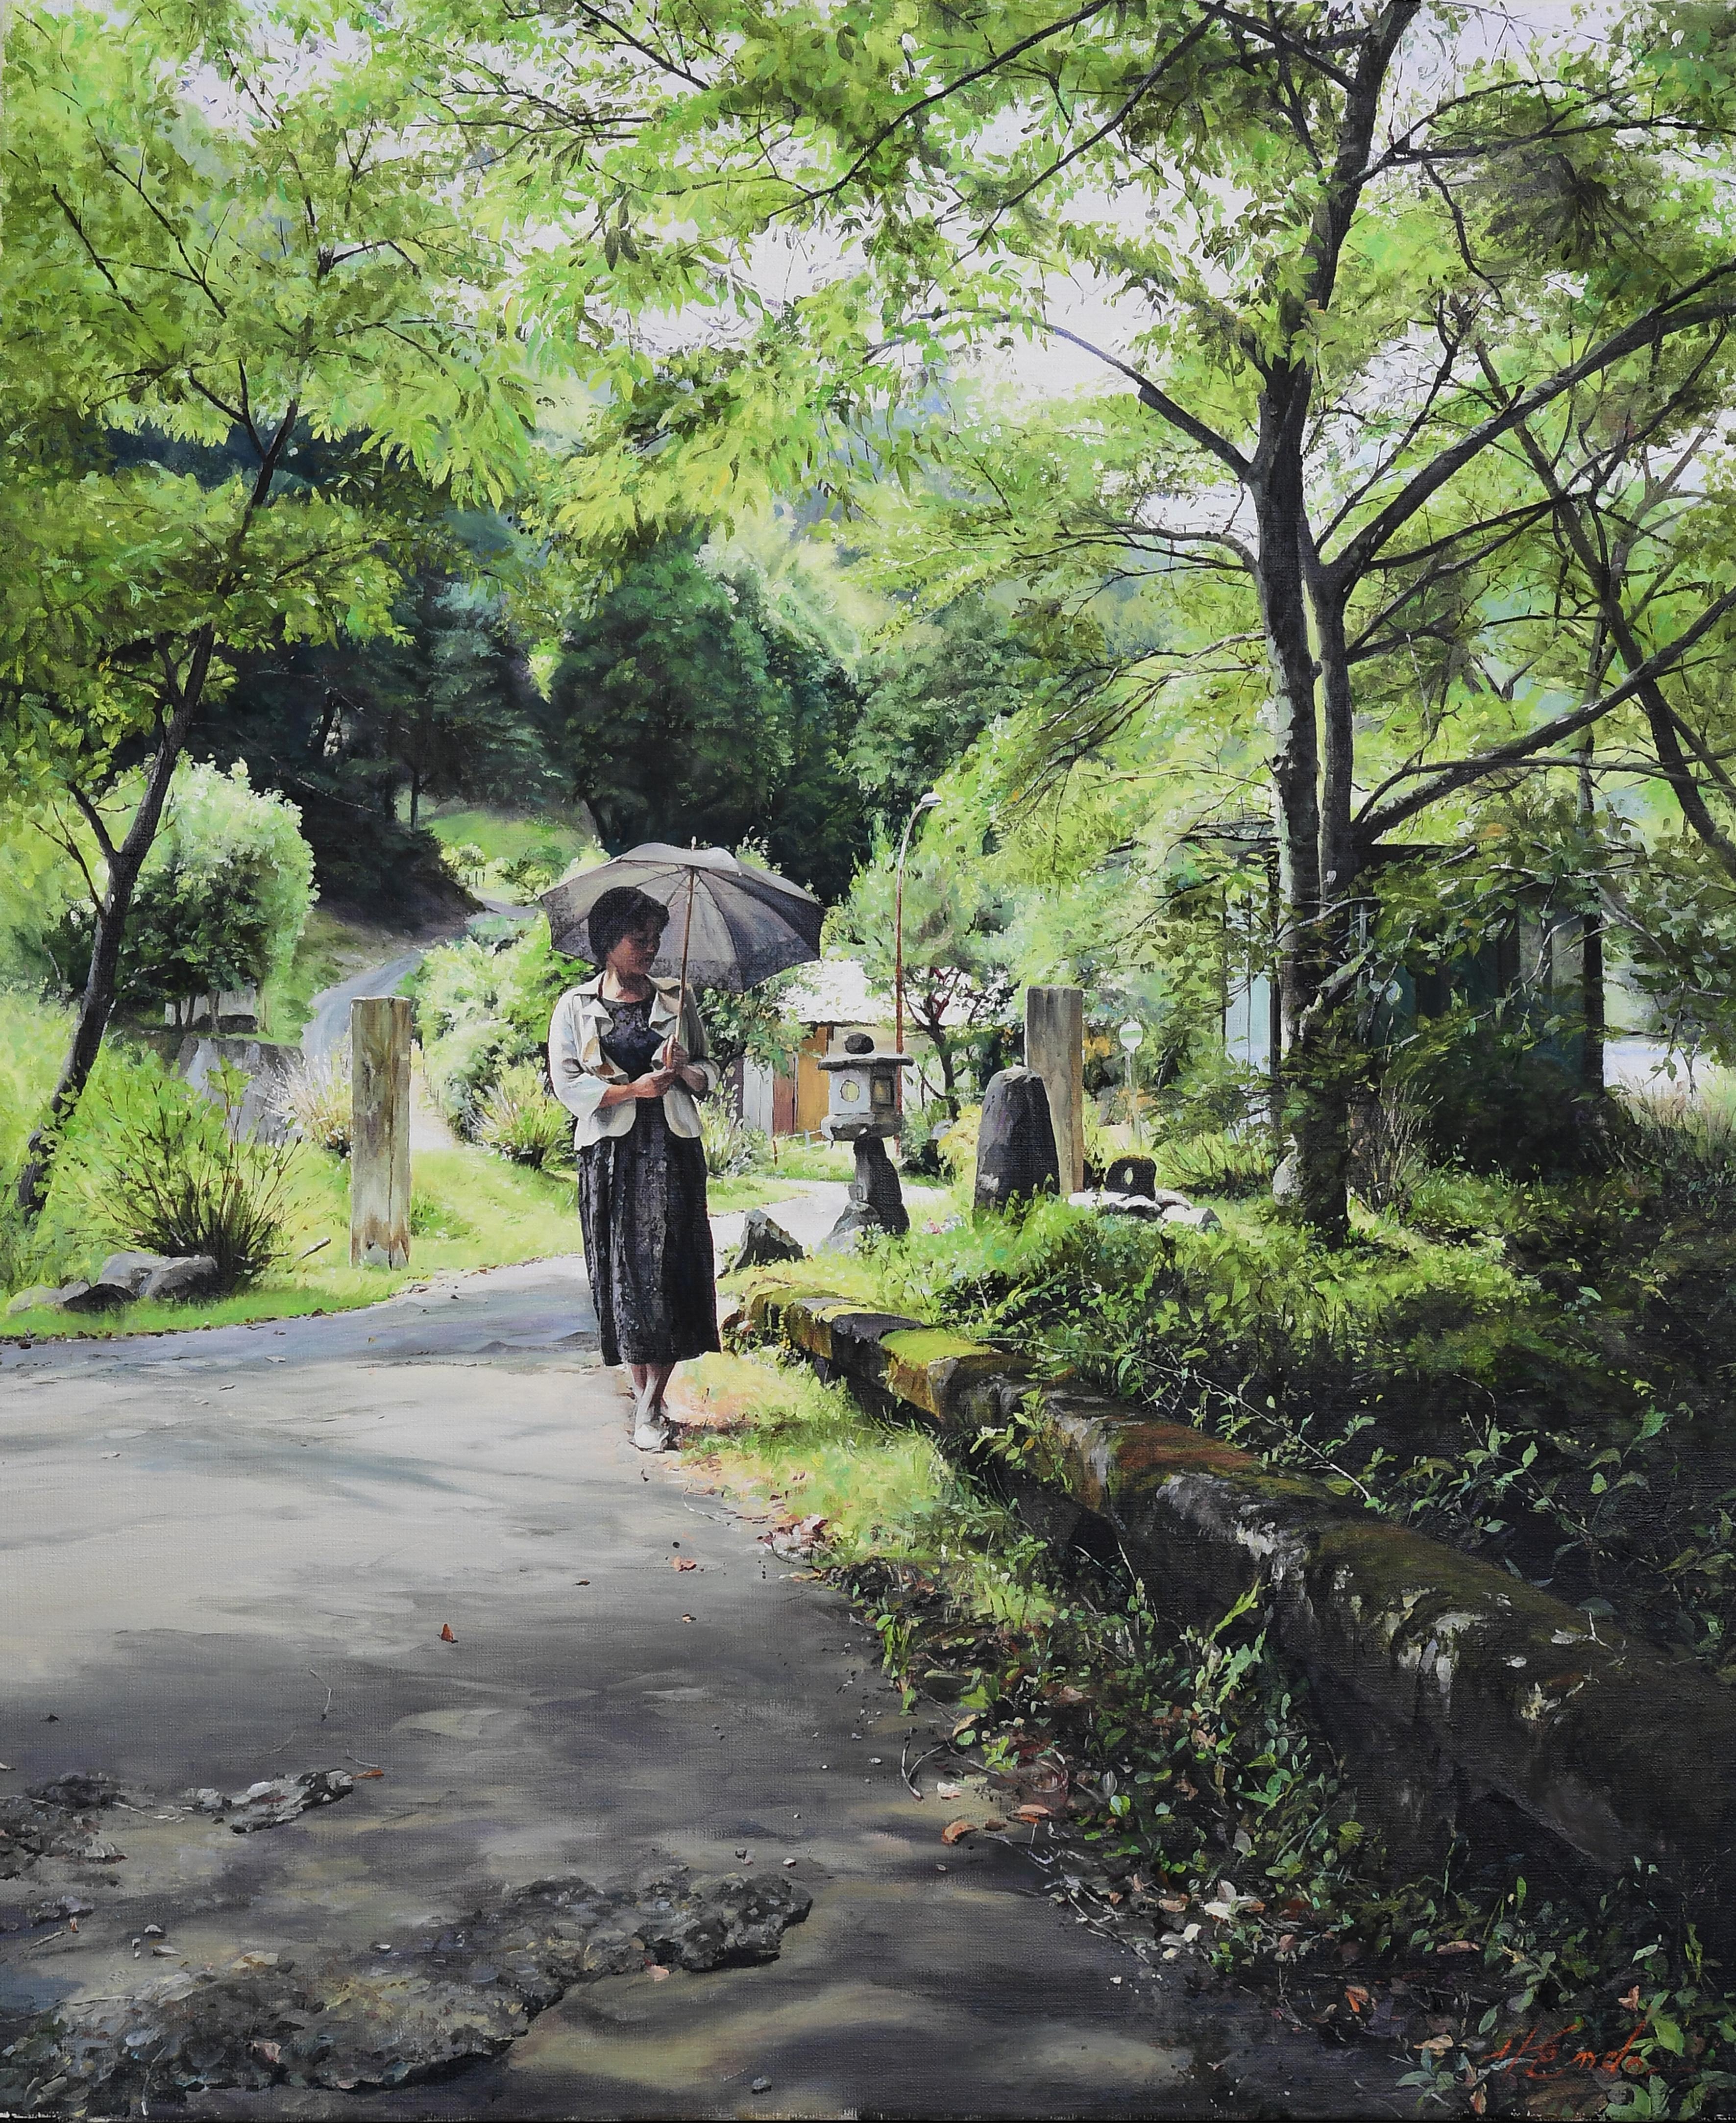 風の迷い道|絵画・油絵・風景画